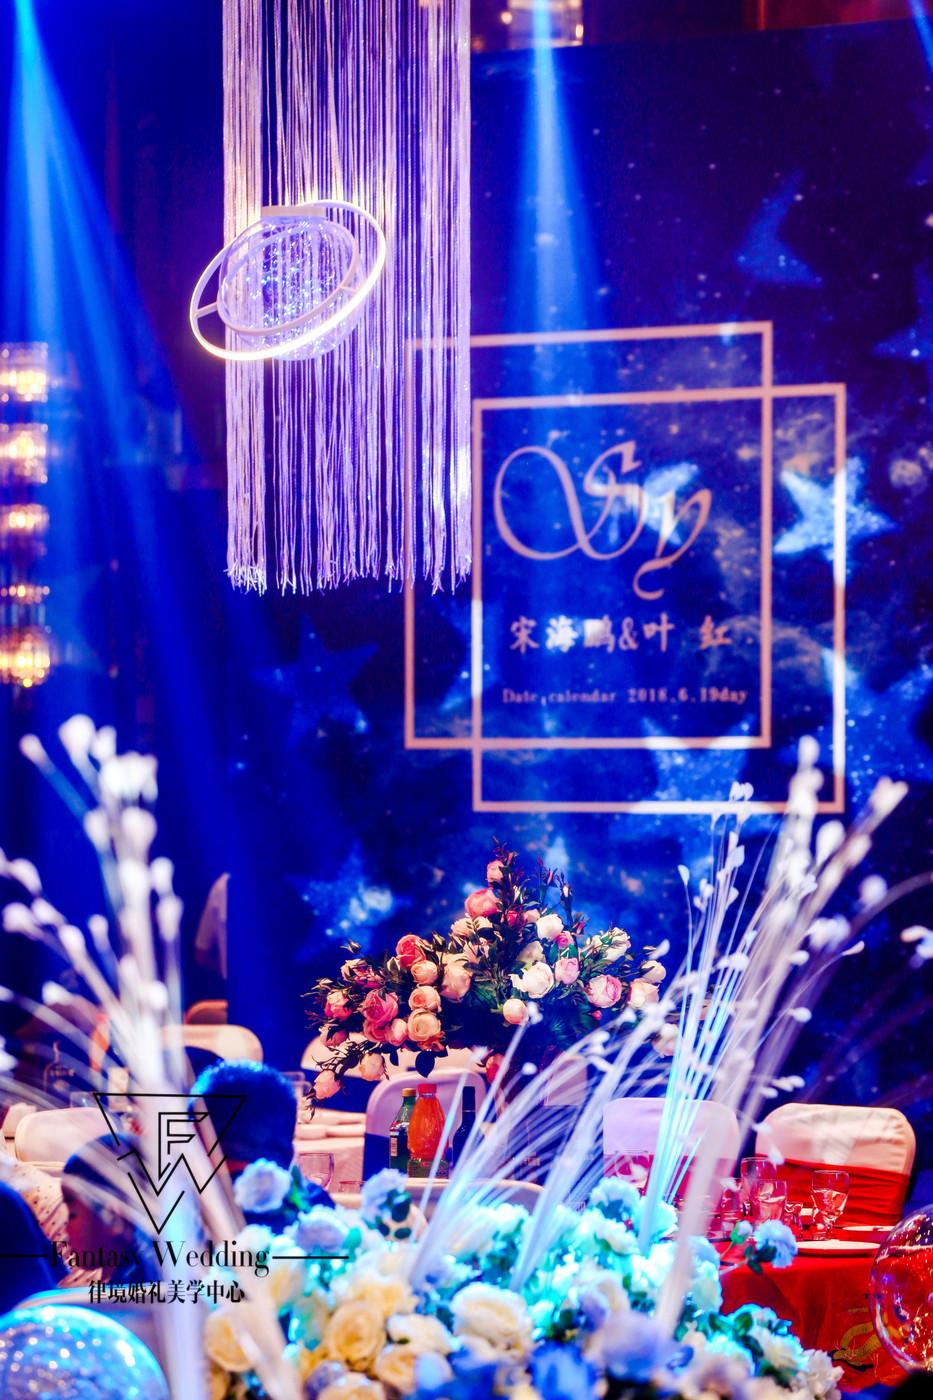 「律境婚礼」& 星空系列 S_Y14